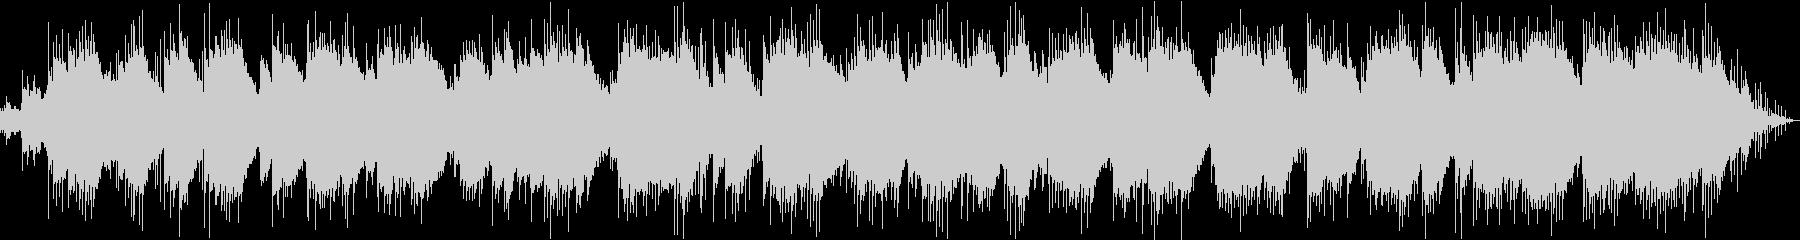 ガムランが響くヒーリングアンビエントの未再生の波形